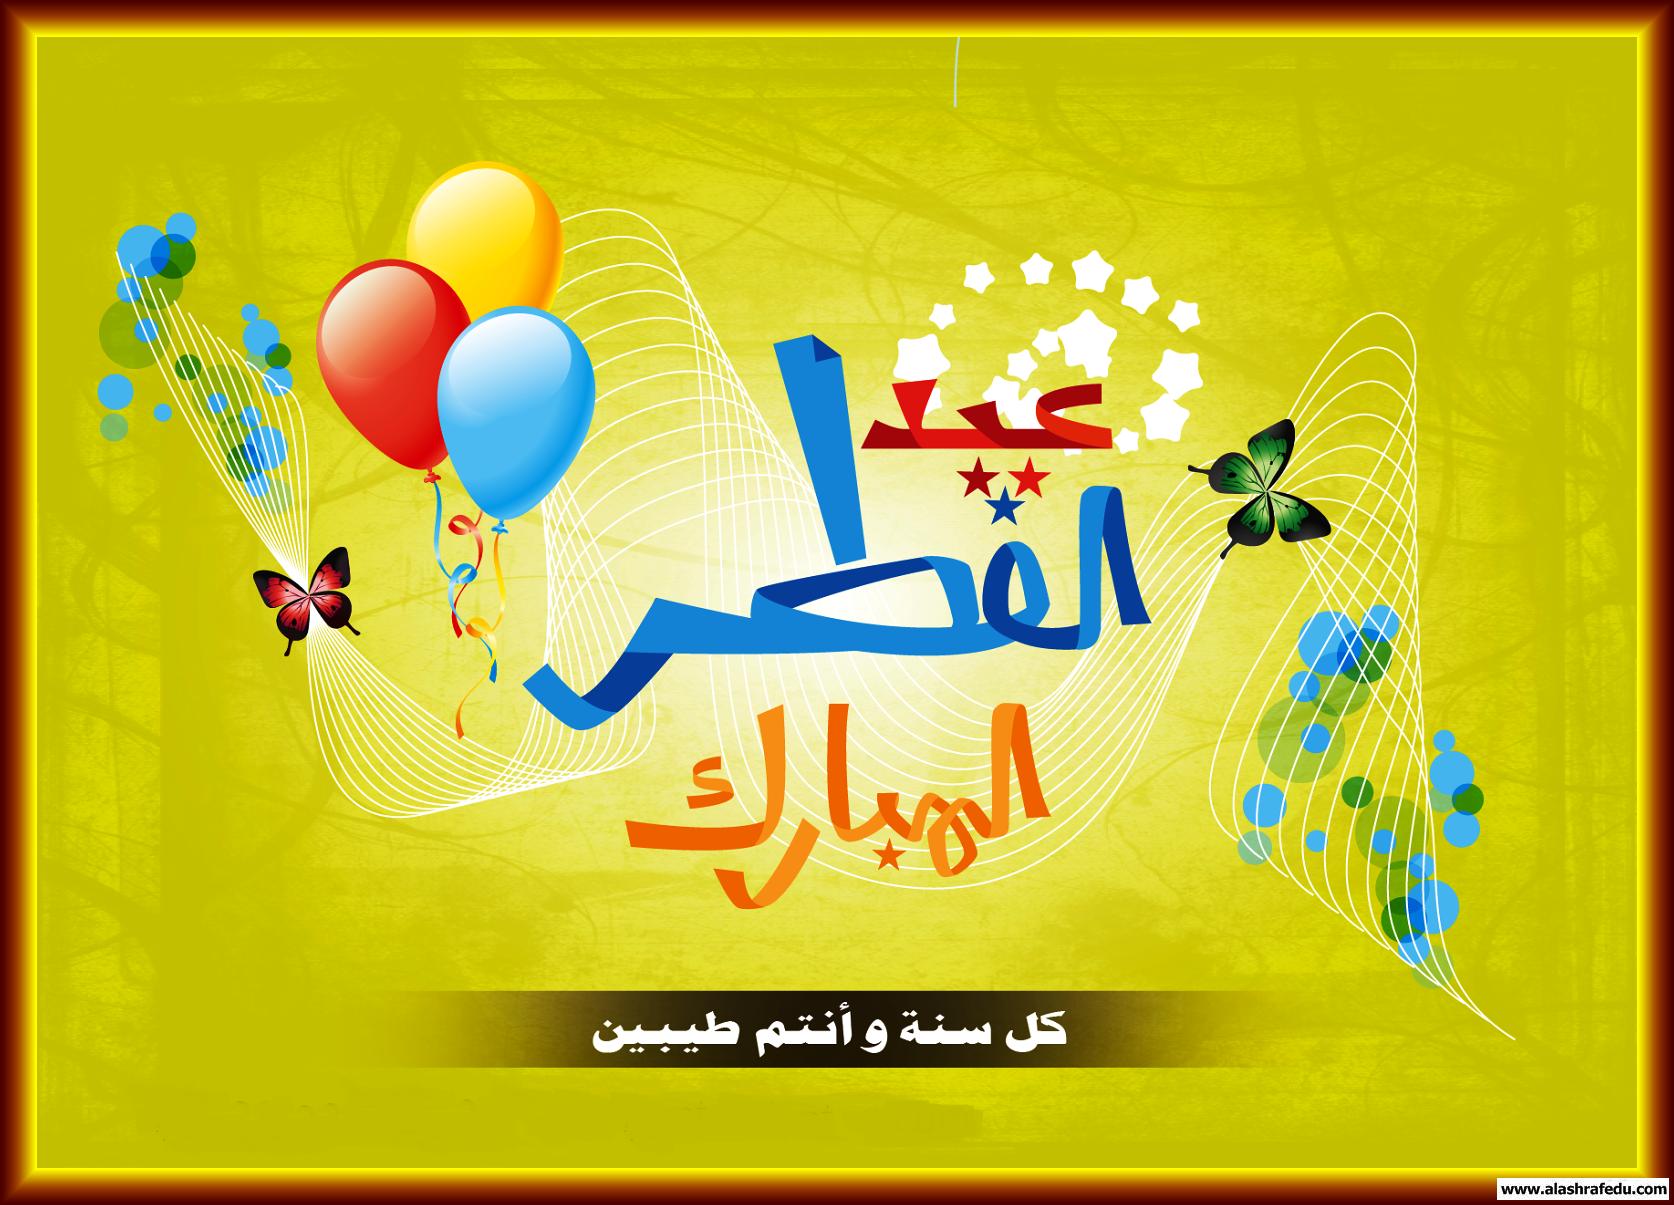 بطاقات معايده 2016 www.alashrafedu.com1